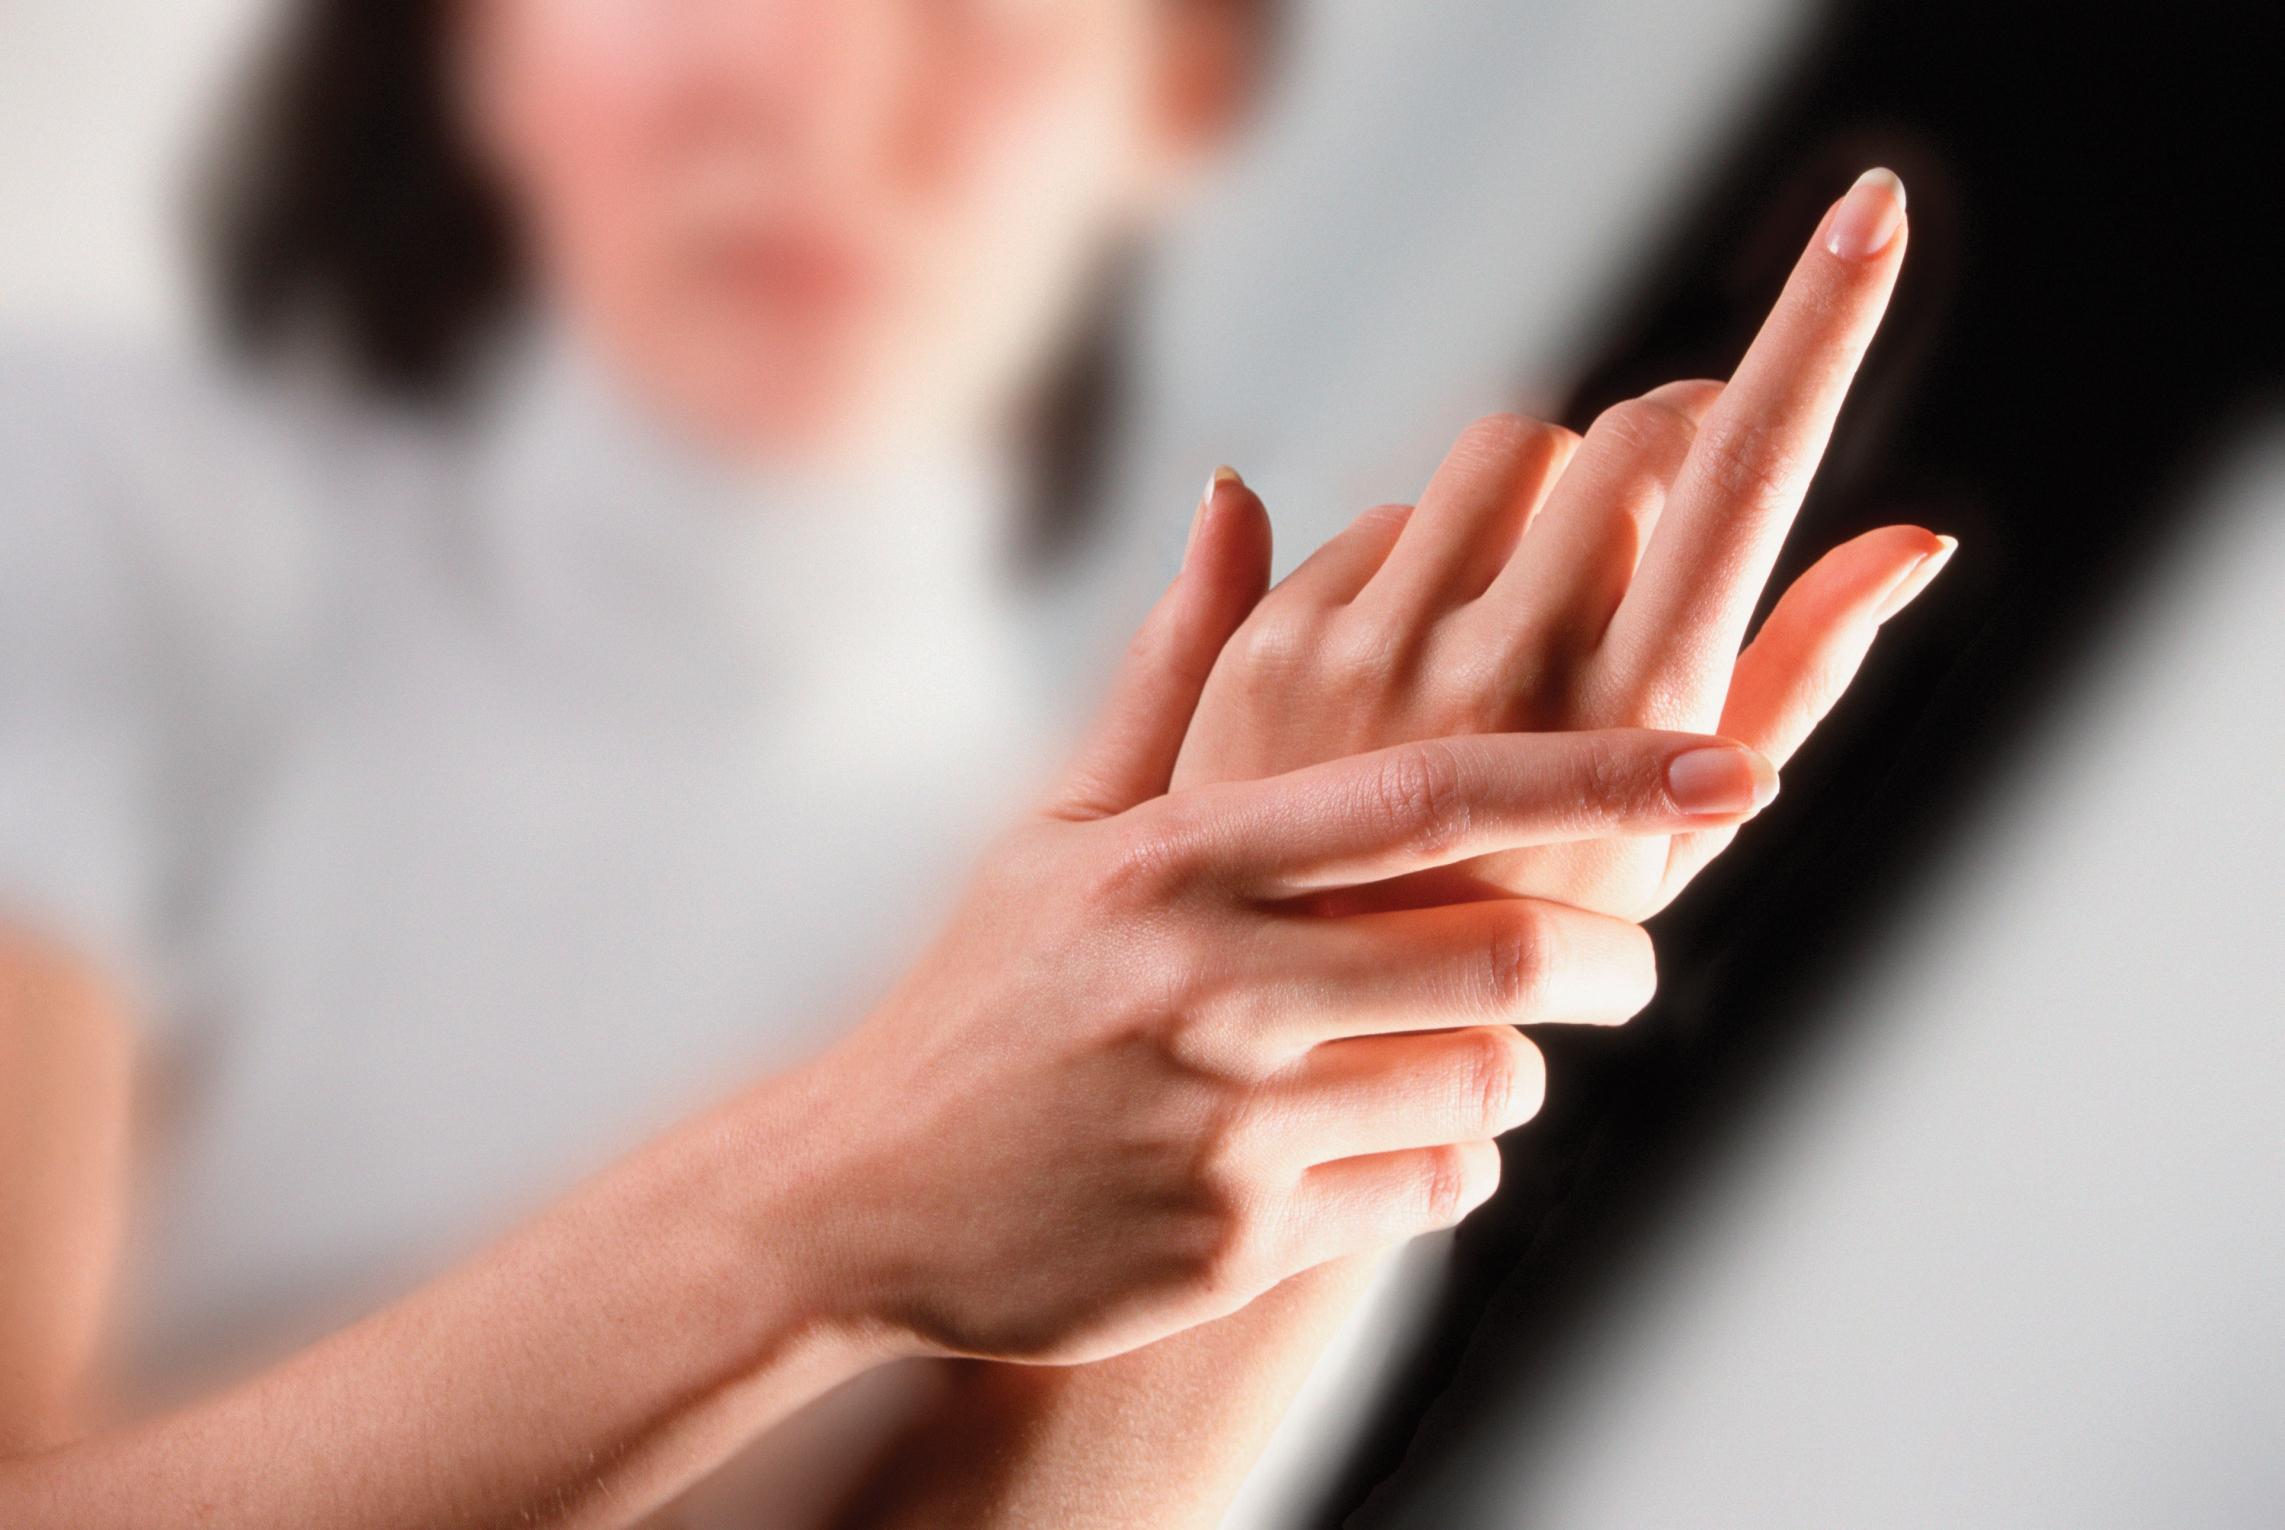 az ujjak ízületei fájni kezdtek)